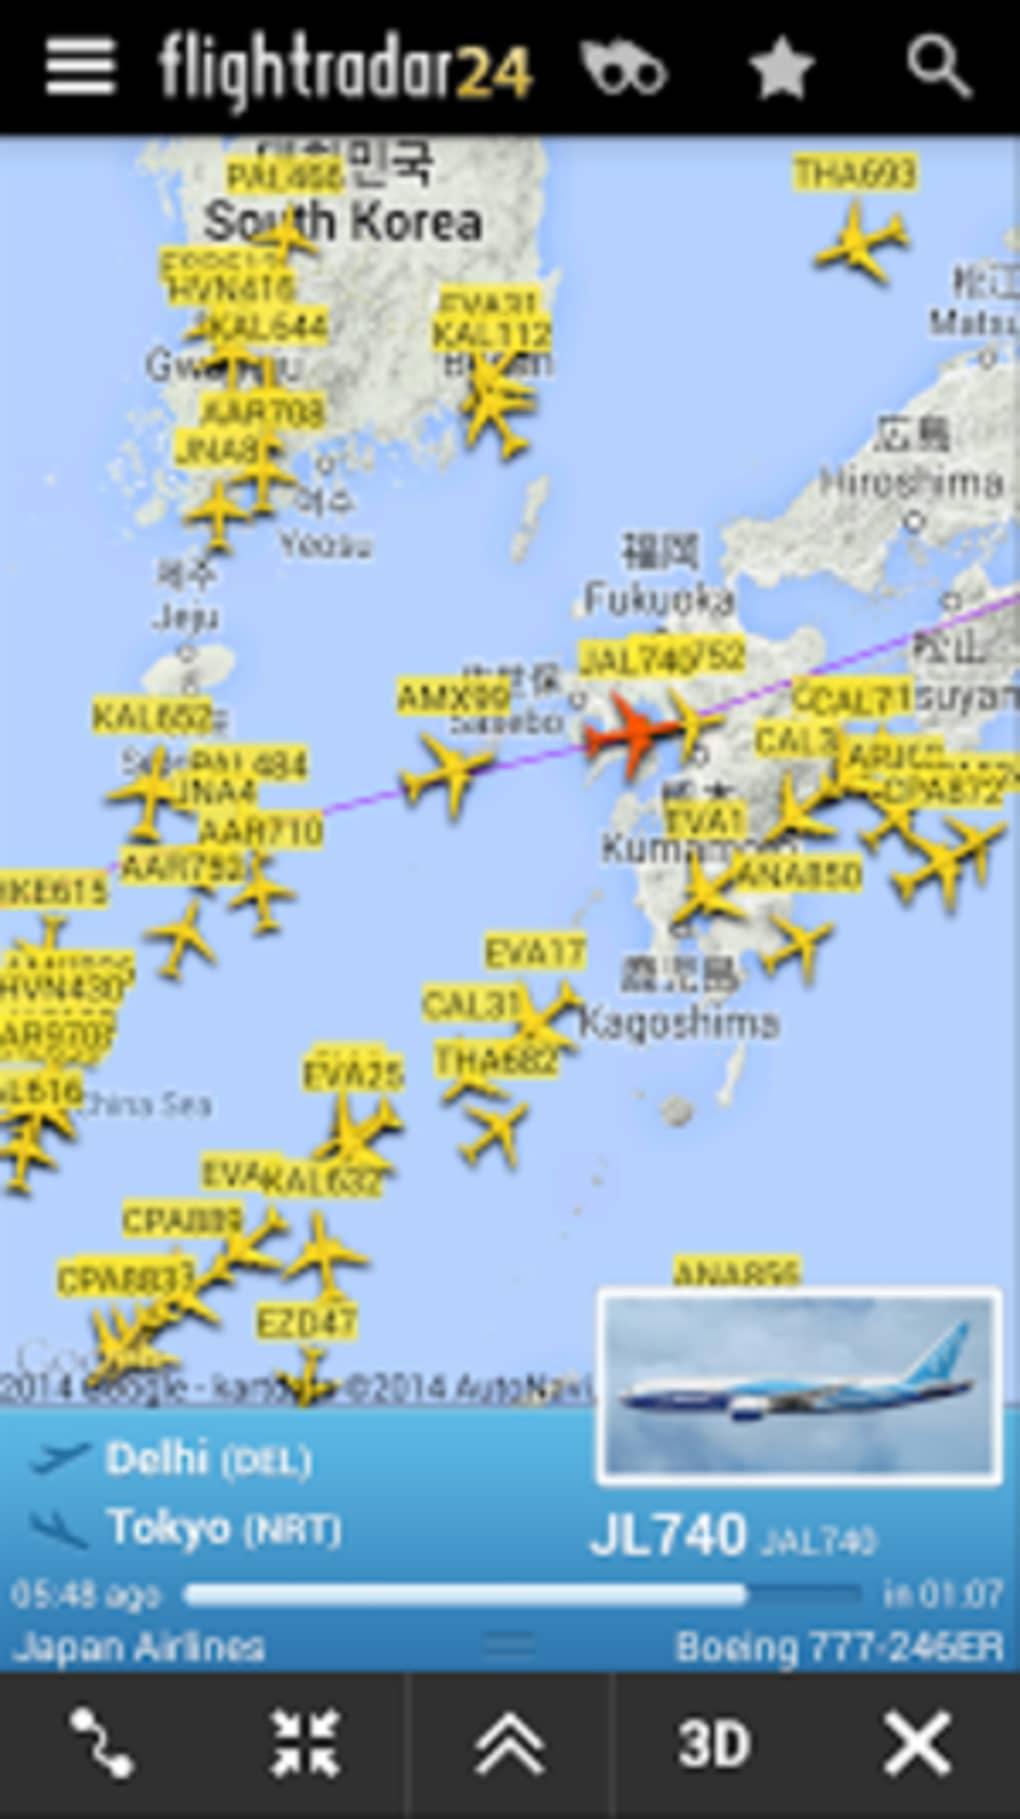 Flightradar24 Pro APK Free Download